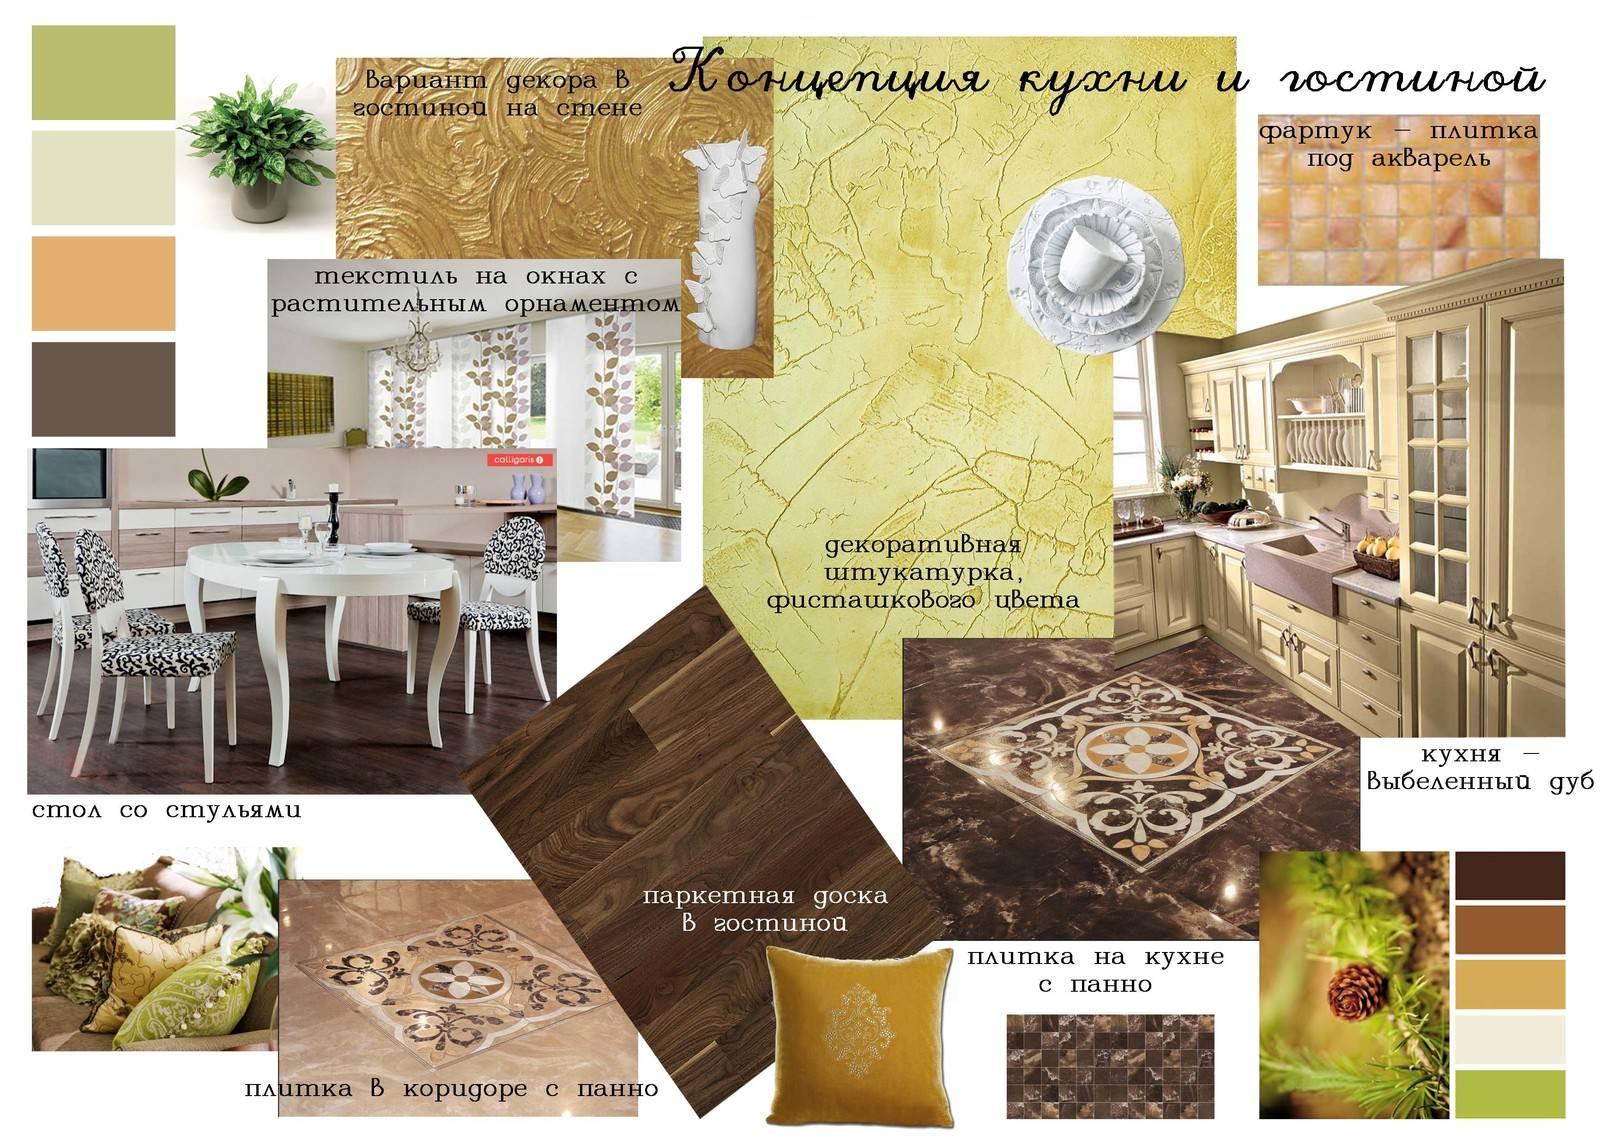 Концепция кухни и гостиной